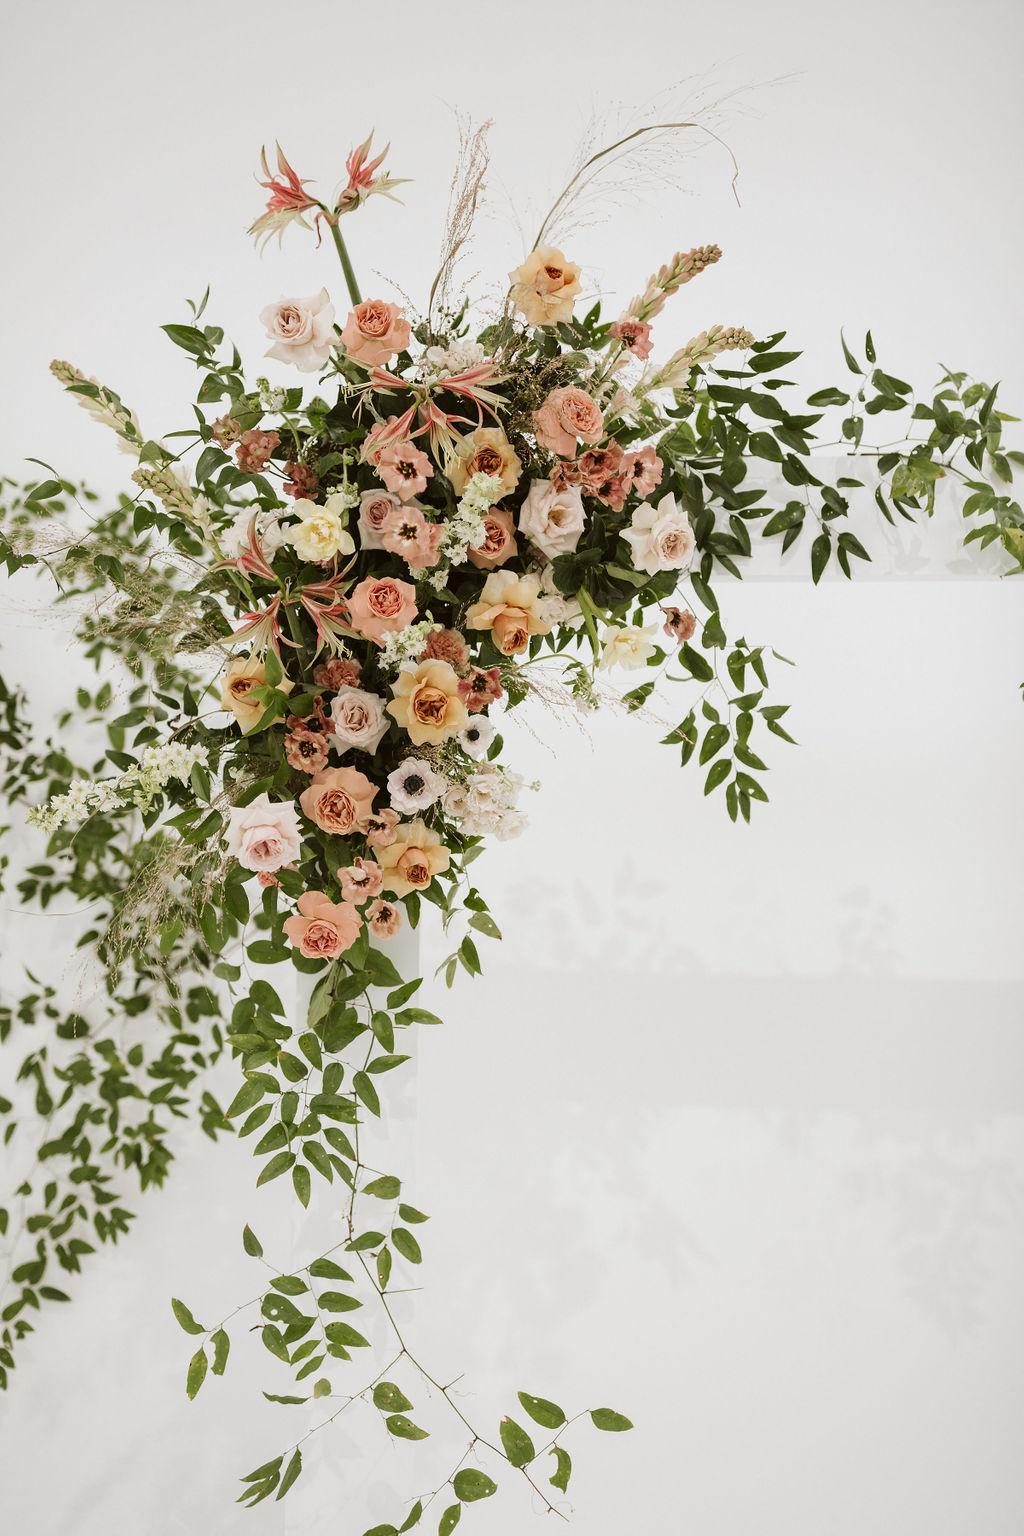 kristina+ryan_toronto+winter+wedding-340.jpg